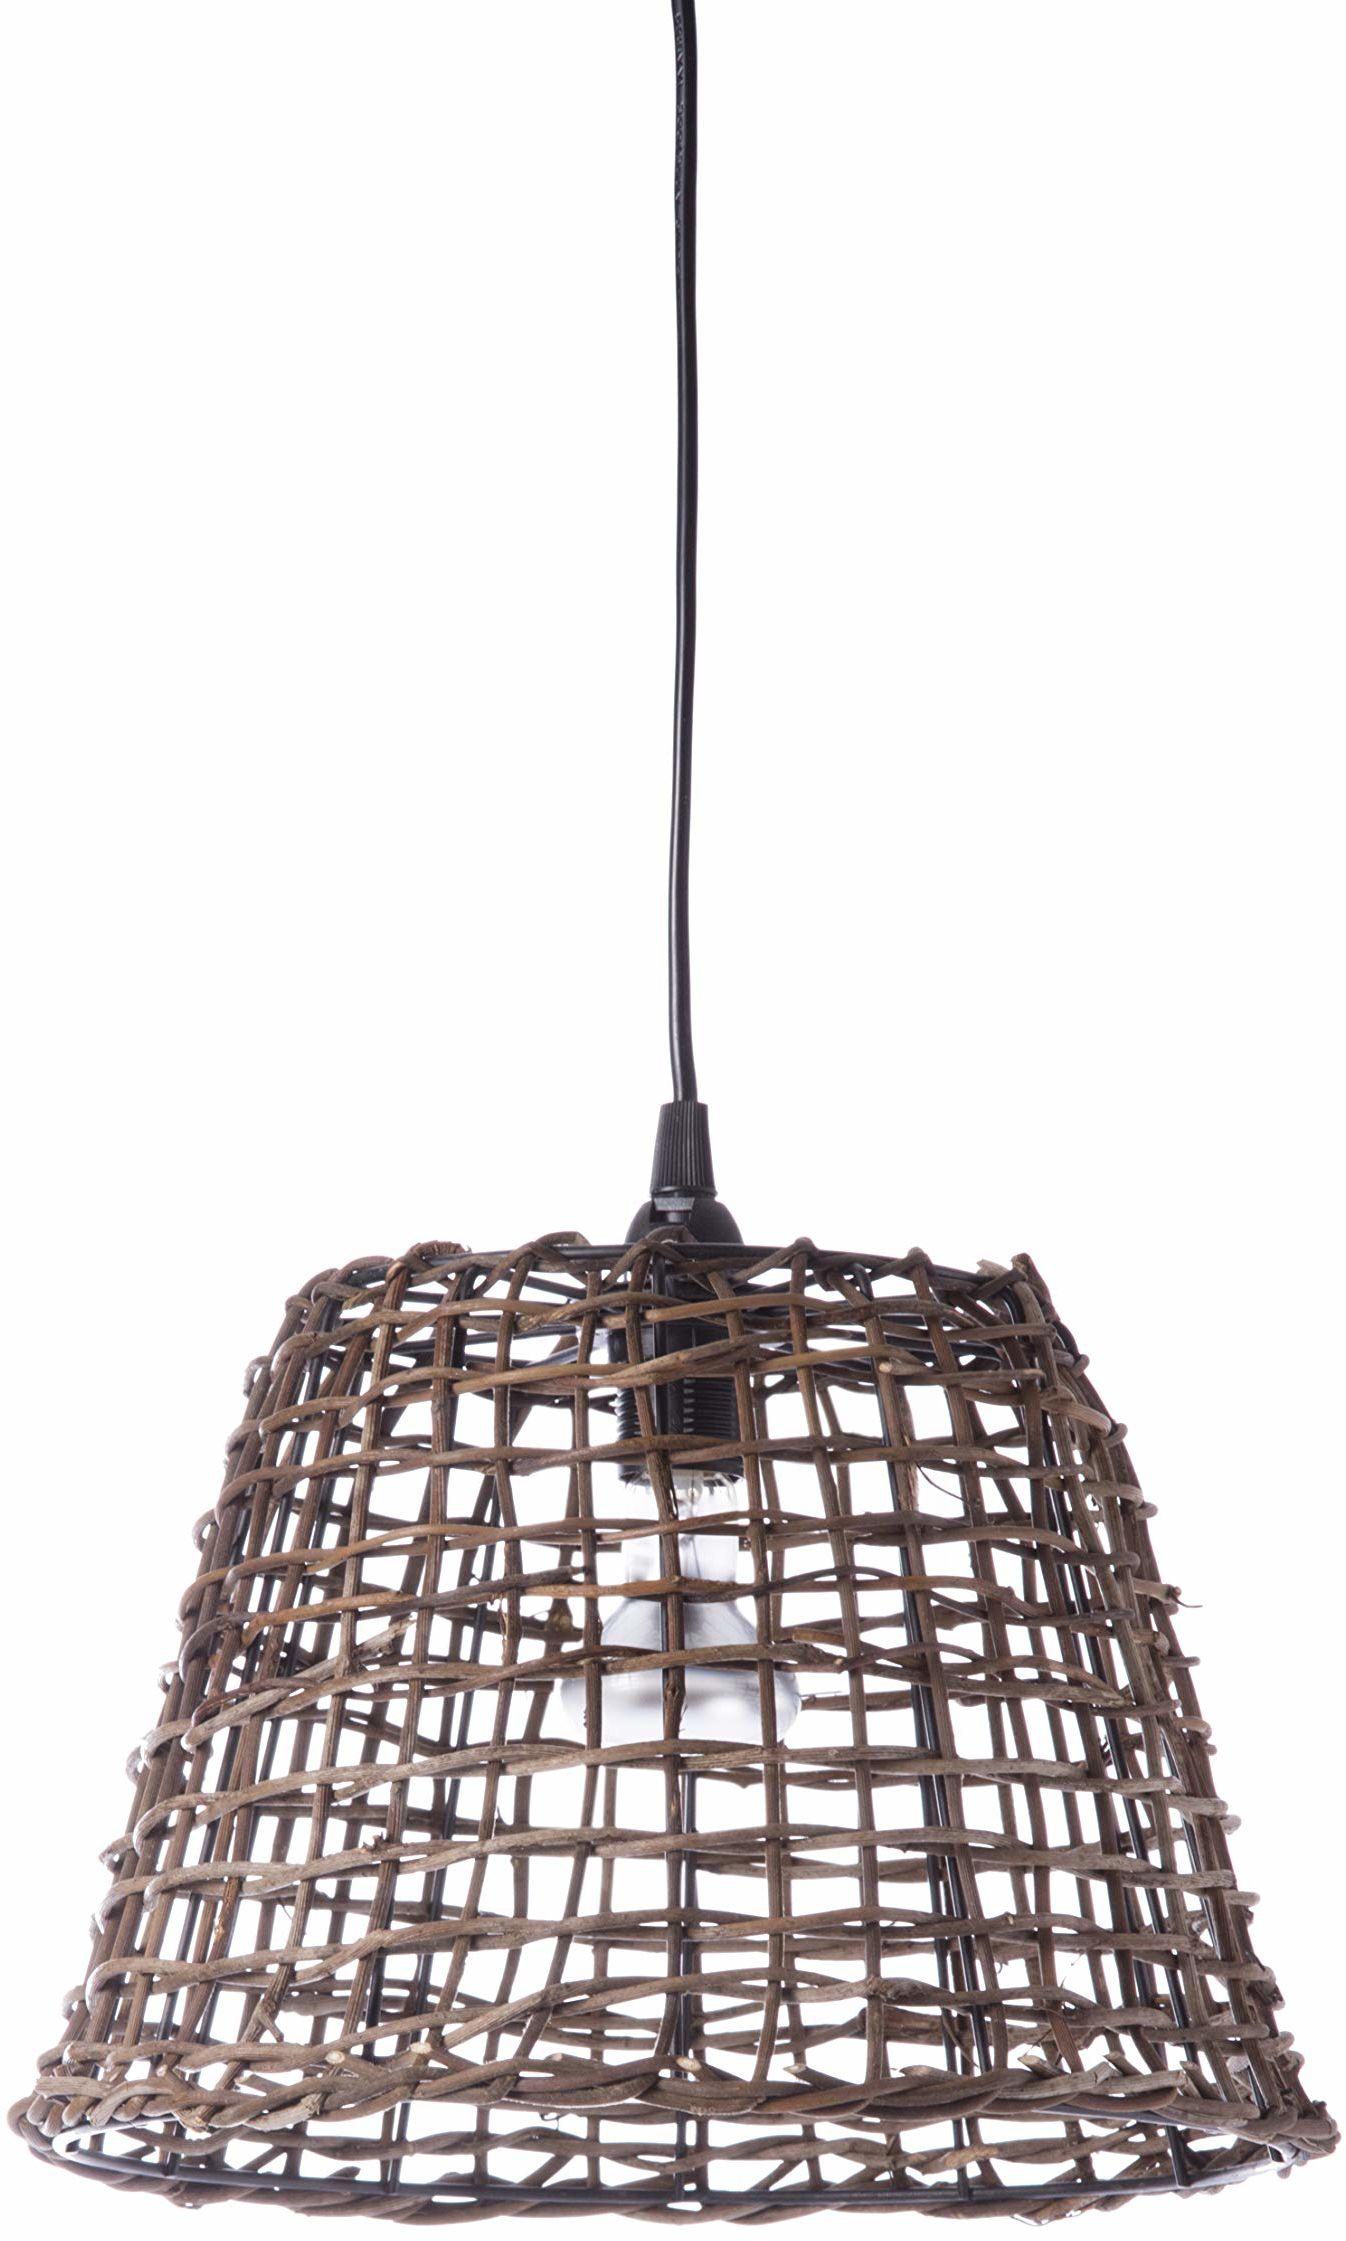 Lussiol 250263 lampa wisząca, rattan, 60 W, brązowa, ø29 x wys. 25 cm